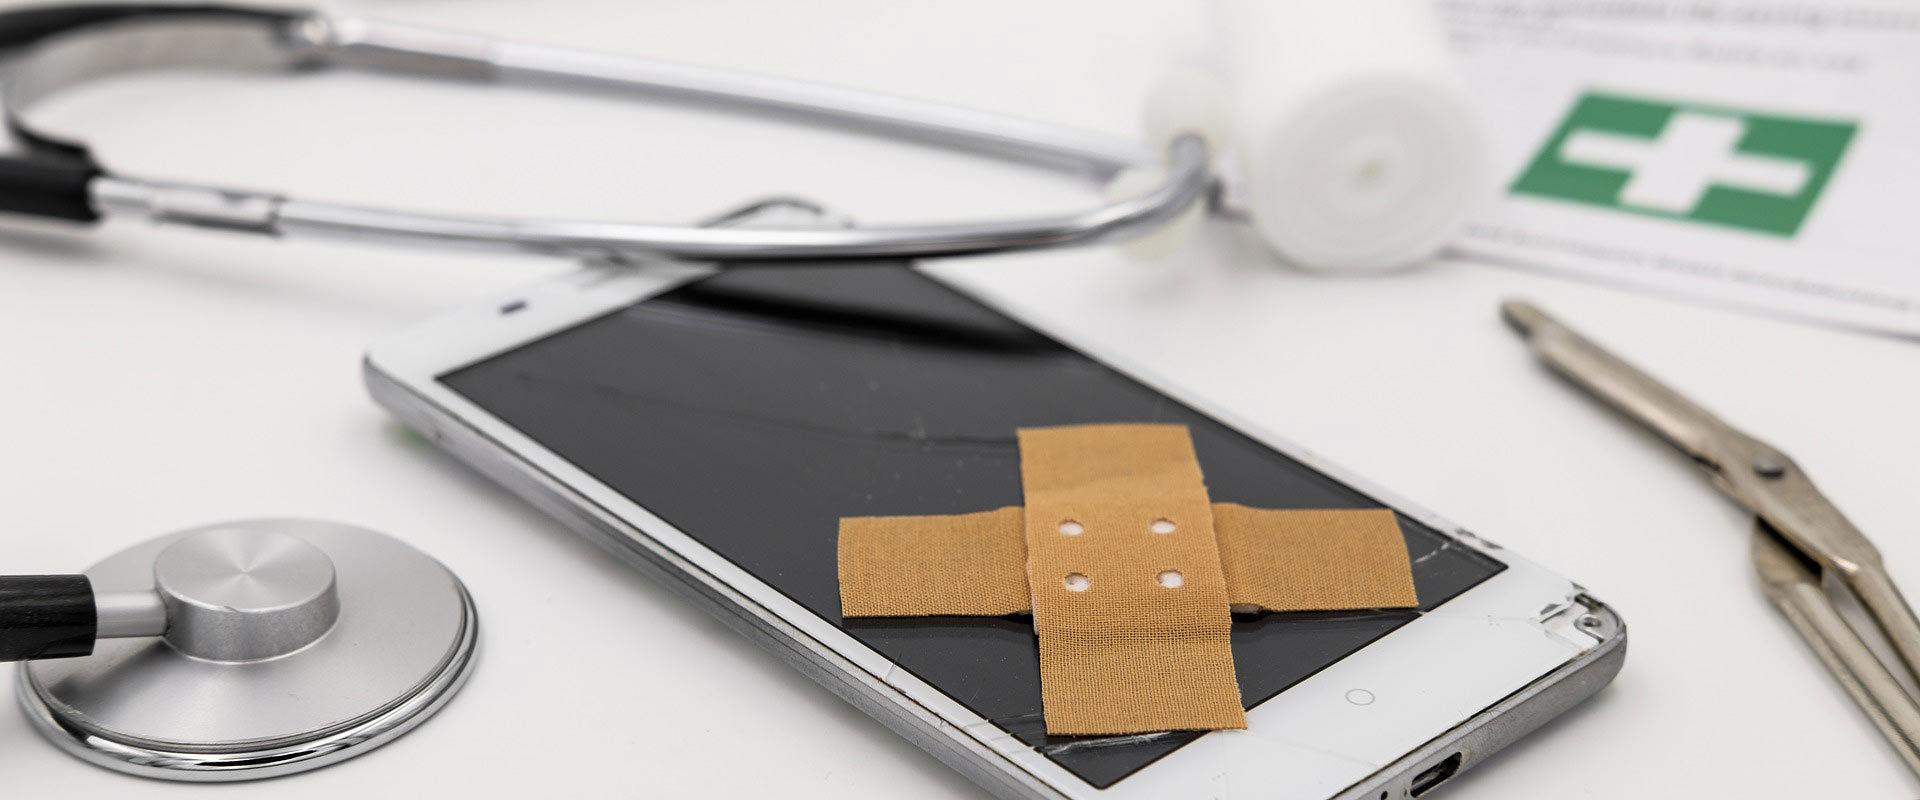 Permalink zu:150.000 x Displaybruch: Statistik einer Handyversicherung